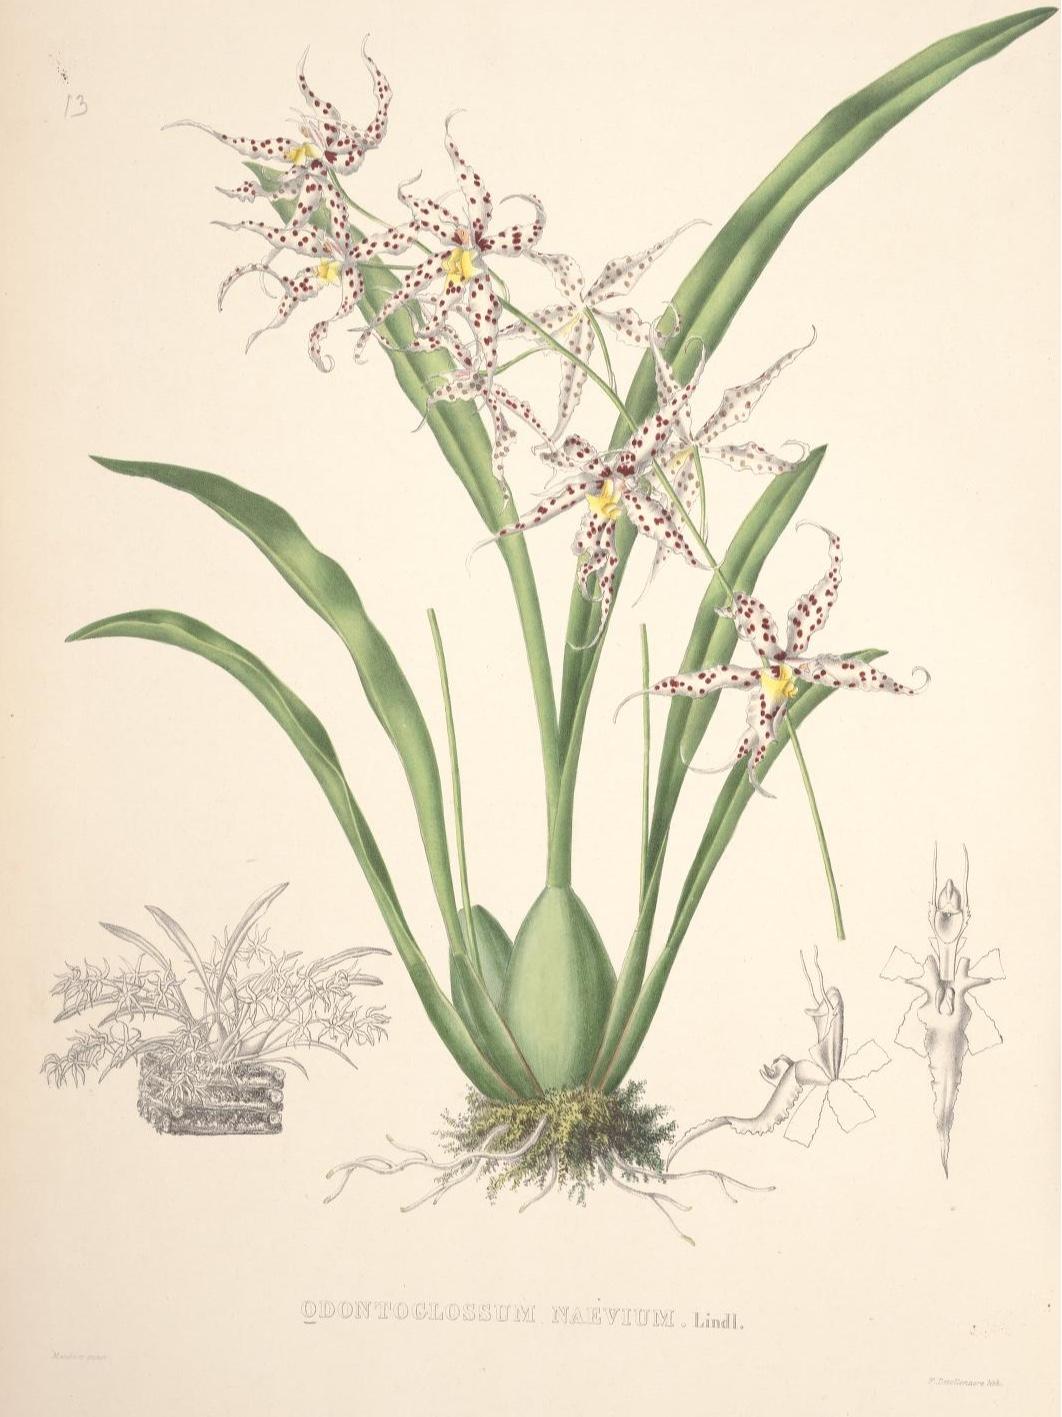 Odentoglossum naevium Lindl. Pescatorea : iconographie des orchidees /par J. Linden... avec la collaboration de mm. J.E. Planchon, m. G. Reichenbach, G. Luddemann. Bruxelles :M. Hayez,1860. http://www.biodiversitylibrary.org/bibliography/52011 Item: http://www.biodiversitylibrary.org/item/111245 Page(s): [Plate] [XIII] Contributed by: Missouri Botanical Garden, Peter H. Raven Library Sponsored by: Missouri Botanical Garden